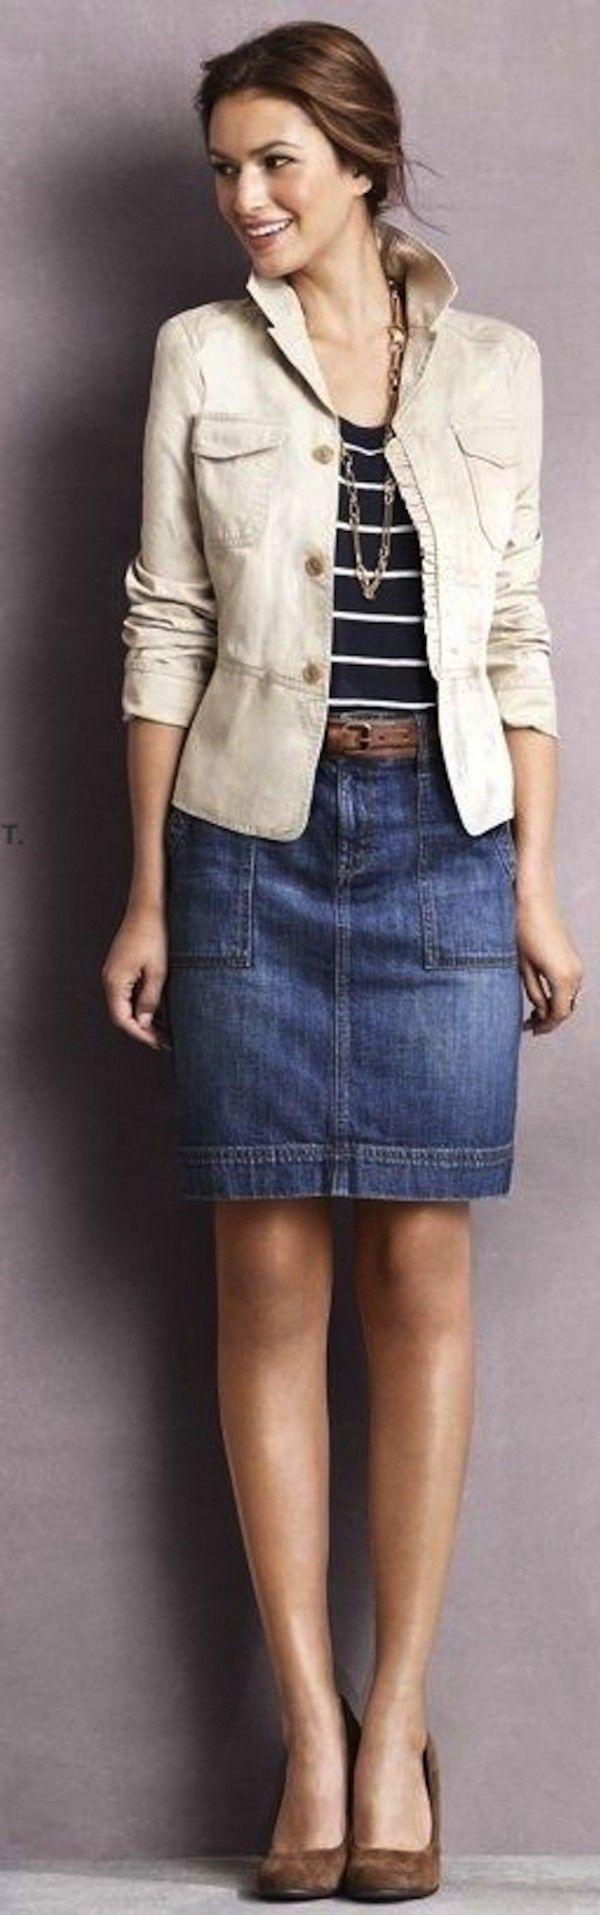 Cómo combinar la falda vaquera: Fotos d elos modelos (37/42) - Ella Hoy